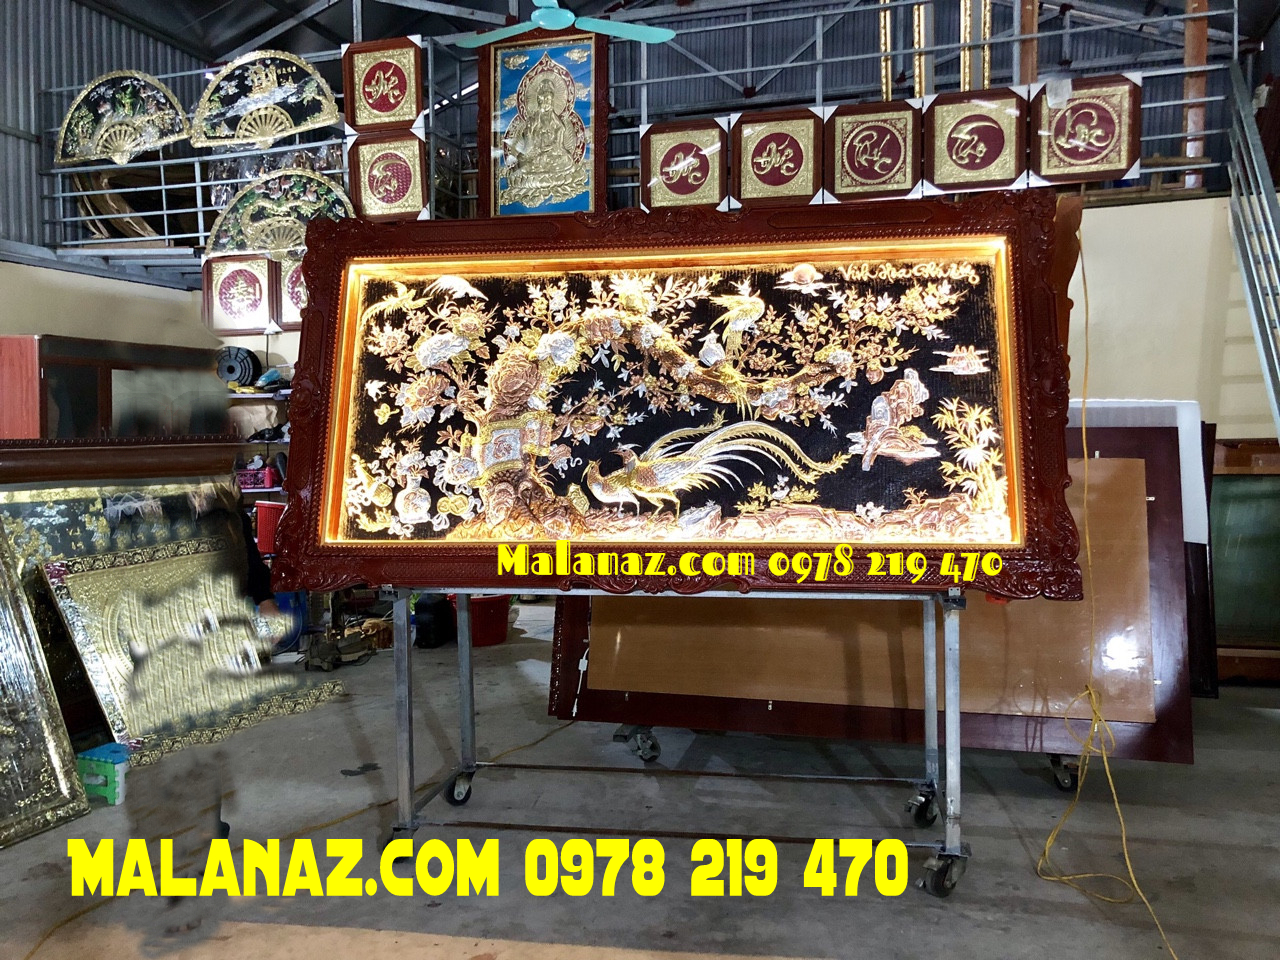 Tranh đồng cao cấp - Tranh đồng đỏ - mạ vàng bạc - DVH13 Malanaz